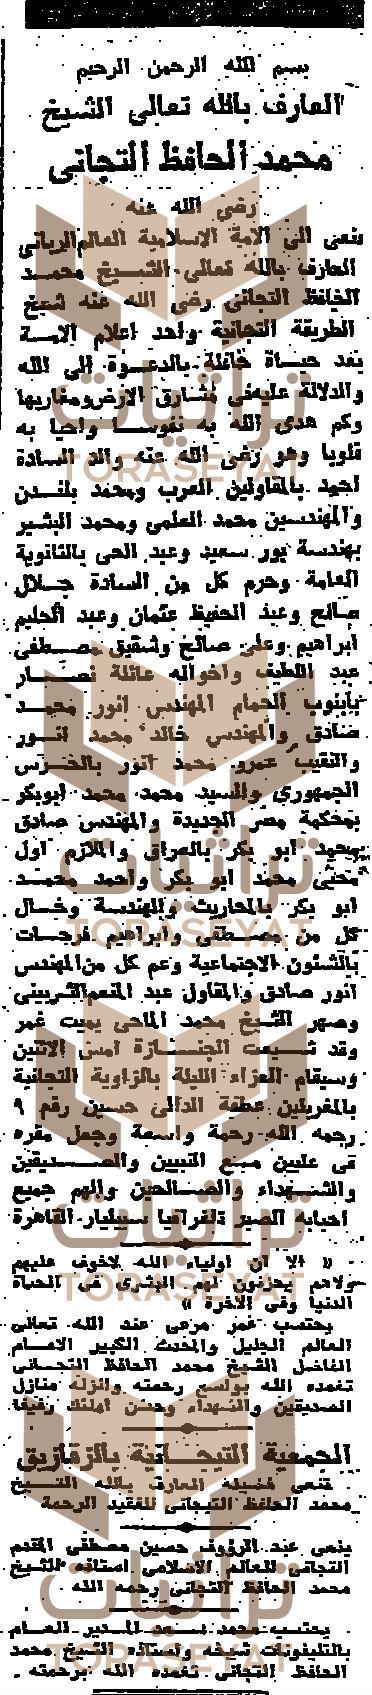 خبر وفاة الشيخ محمد الحافظ التجاني